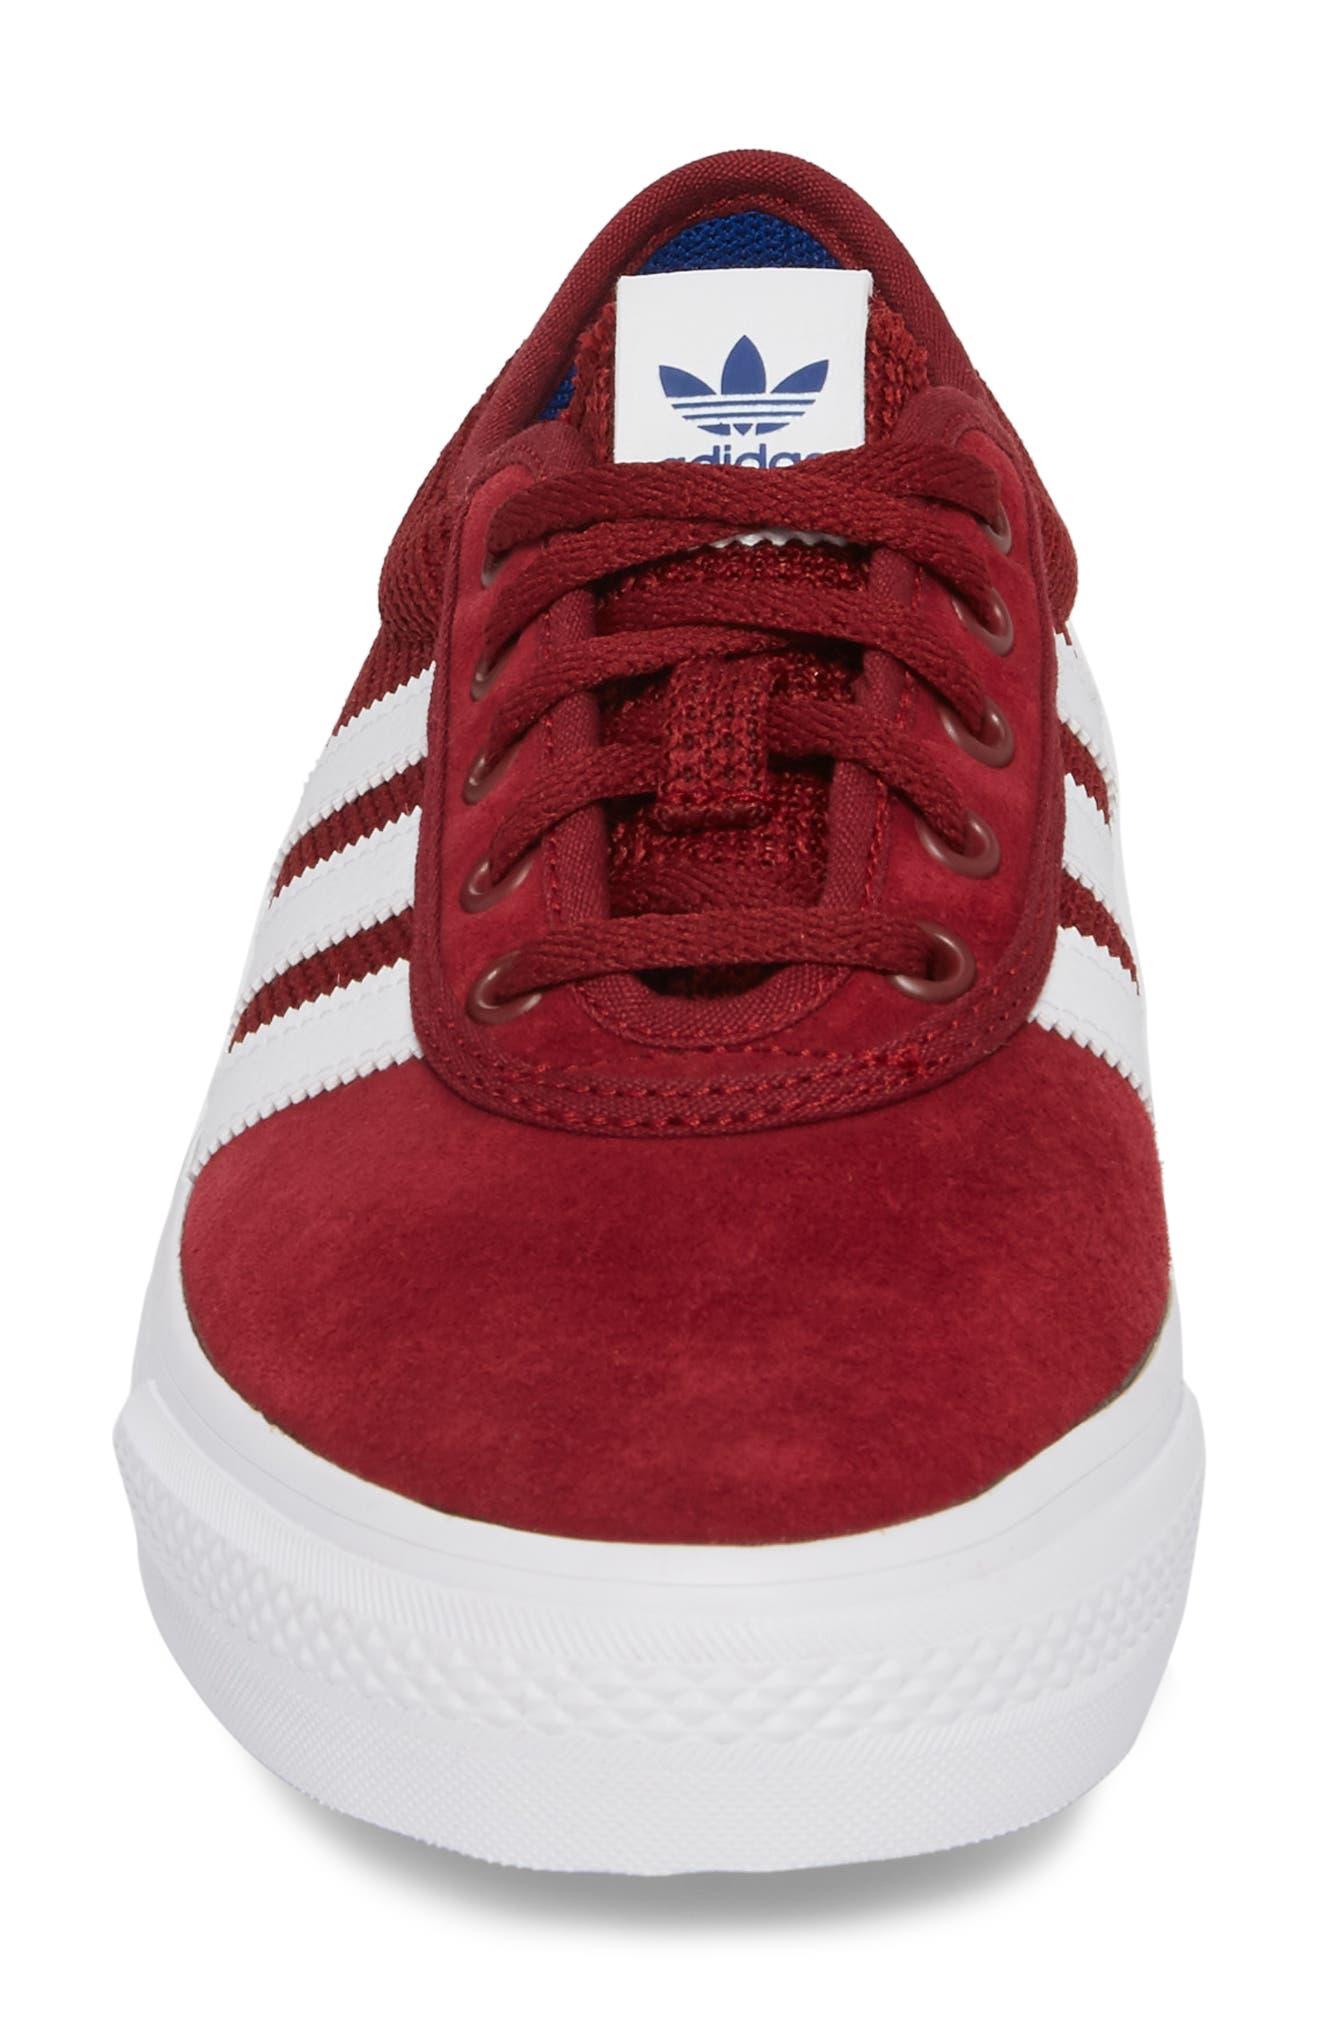 adi-Ease Sneaker,                             Alternate thumbnail 4, color,                             BURGUNDY/ WHITE / ROYAL